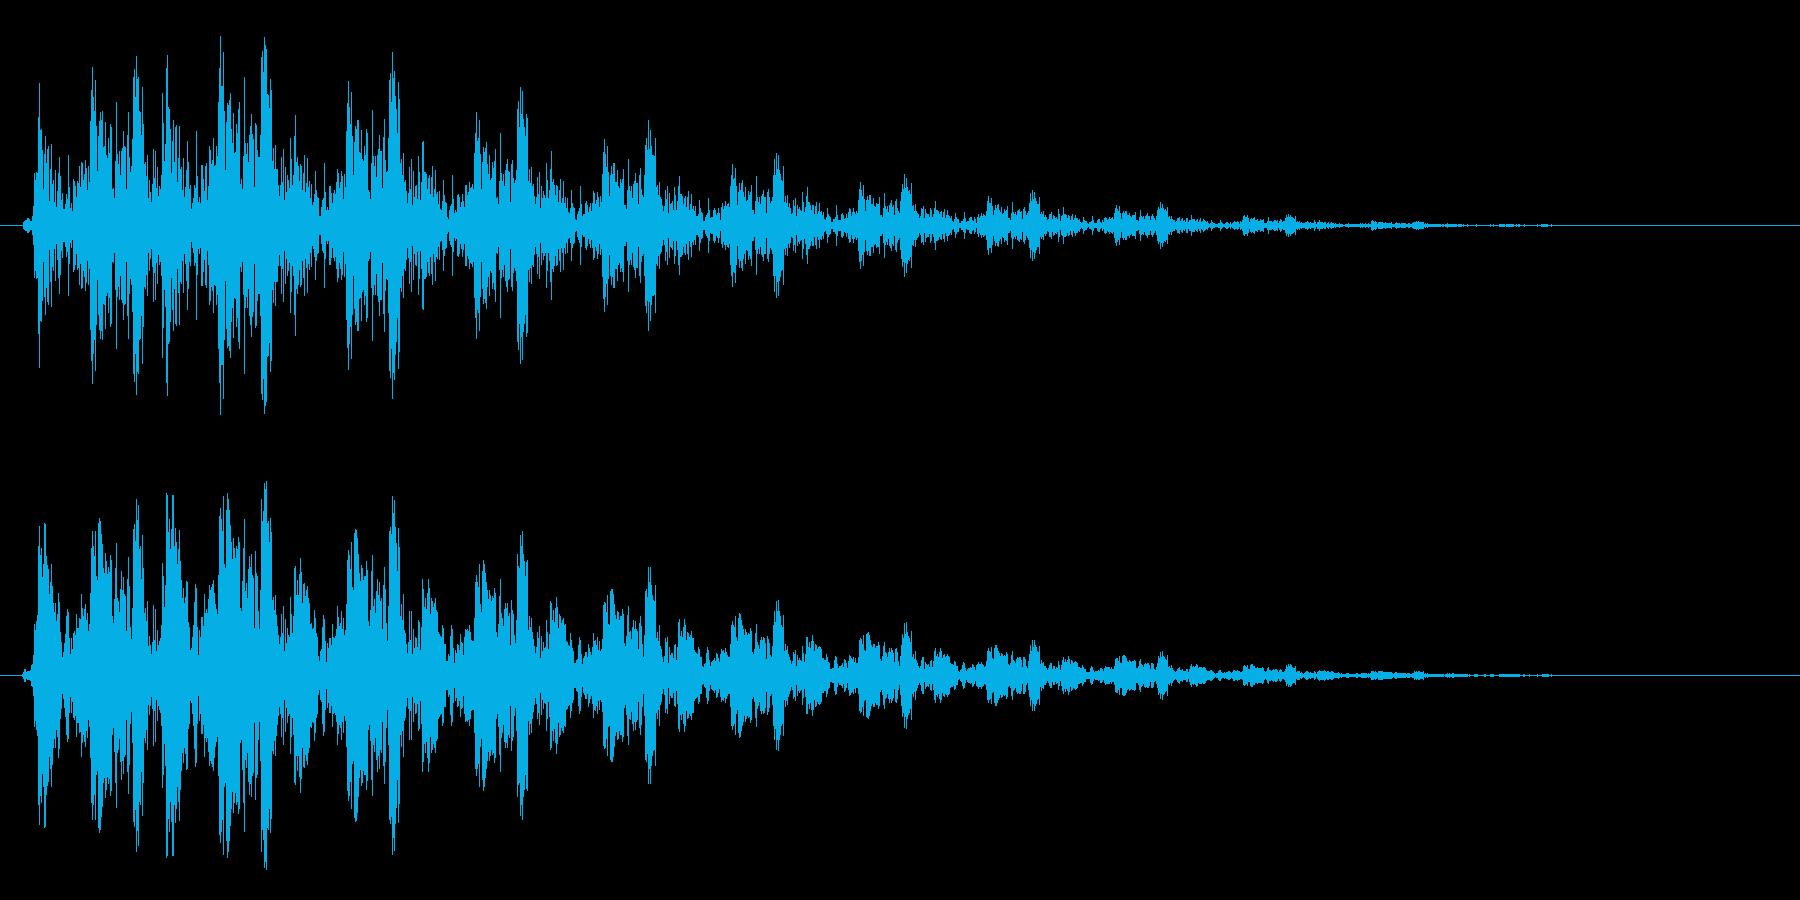 ピュルルン(綺麗で軽く飛ぶような軽い音)の再生済みの波形